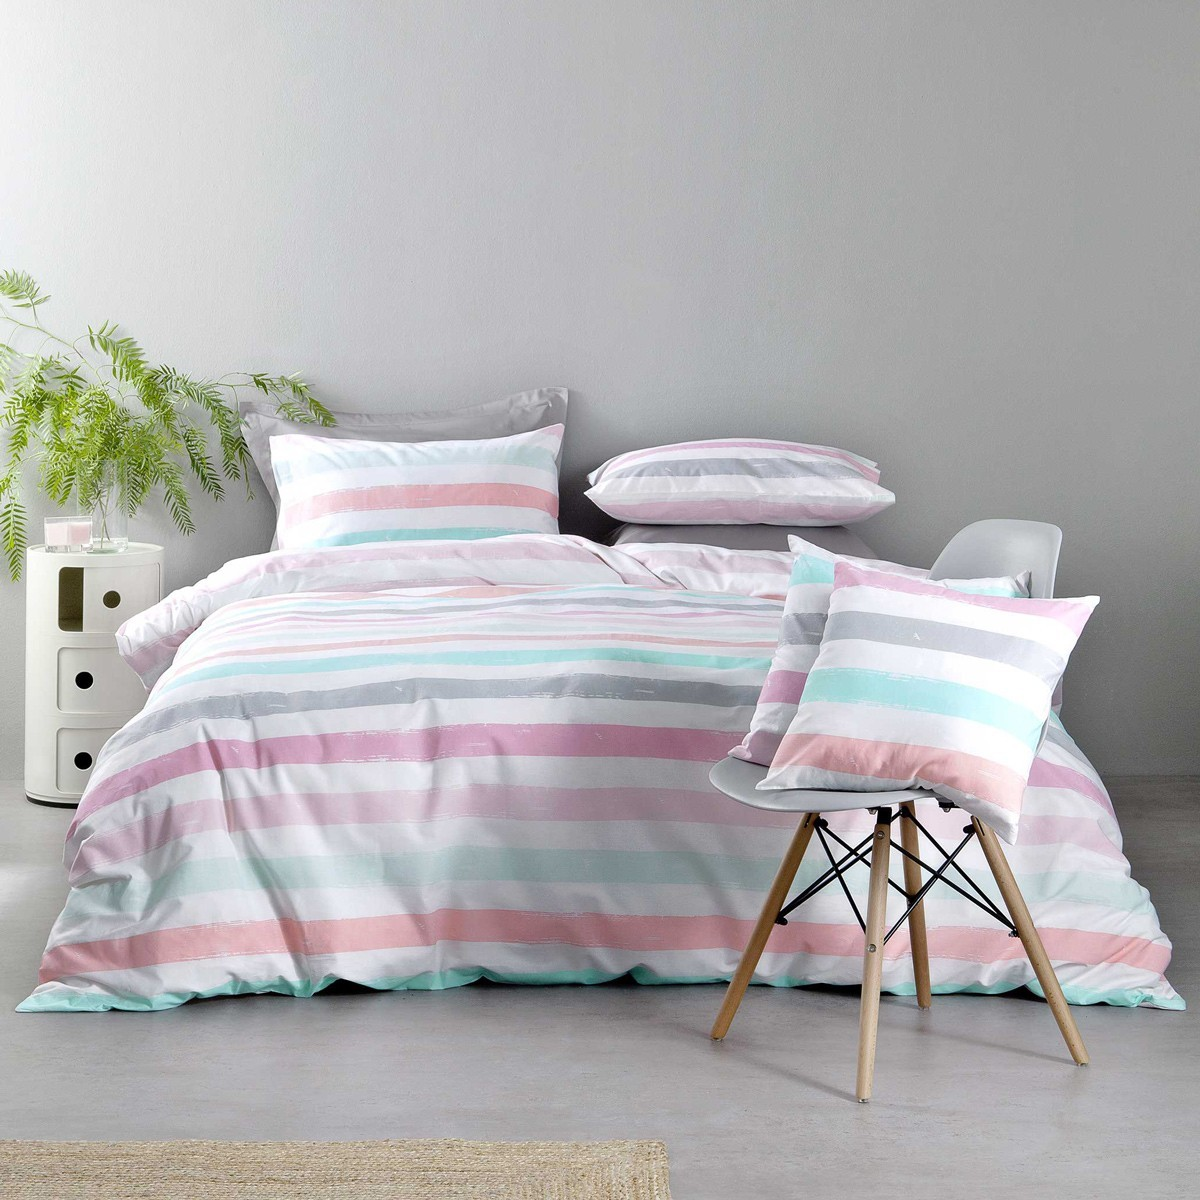 Παπλωματοθήκη Μονή (Σετ) Nima Bed Linen Cantieri Pink